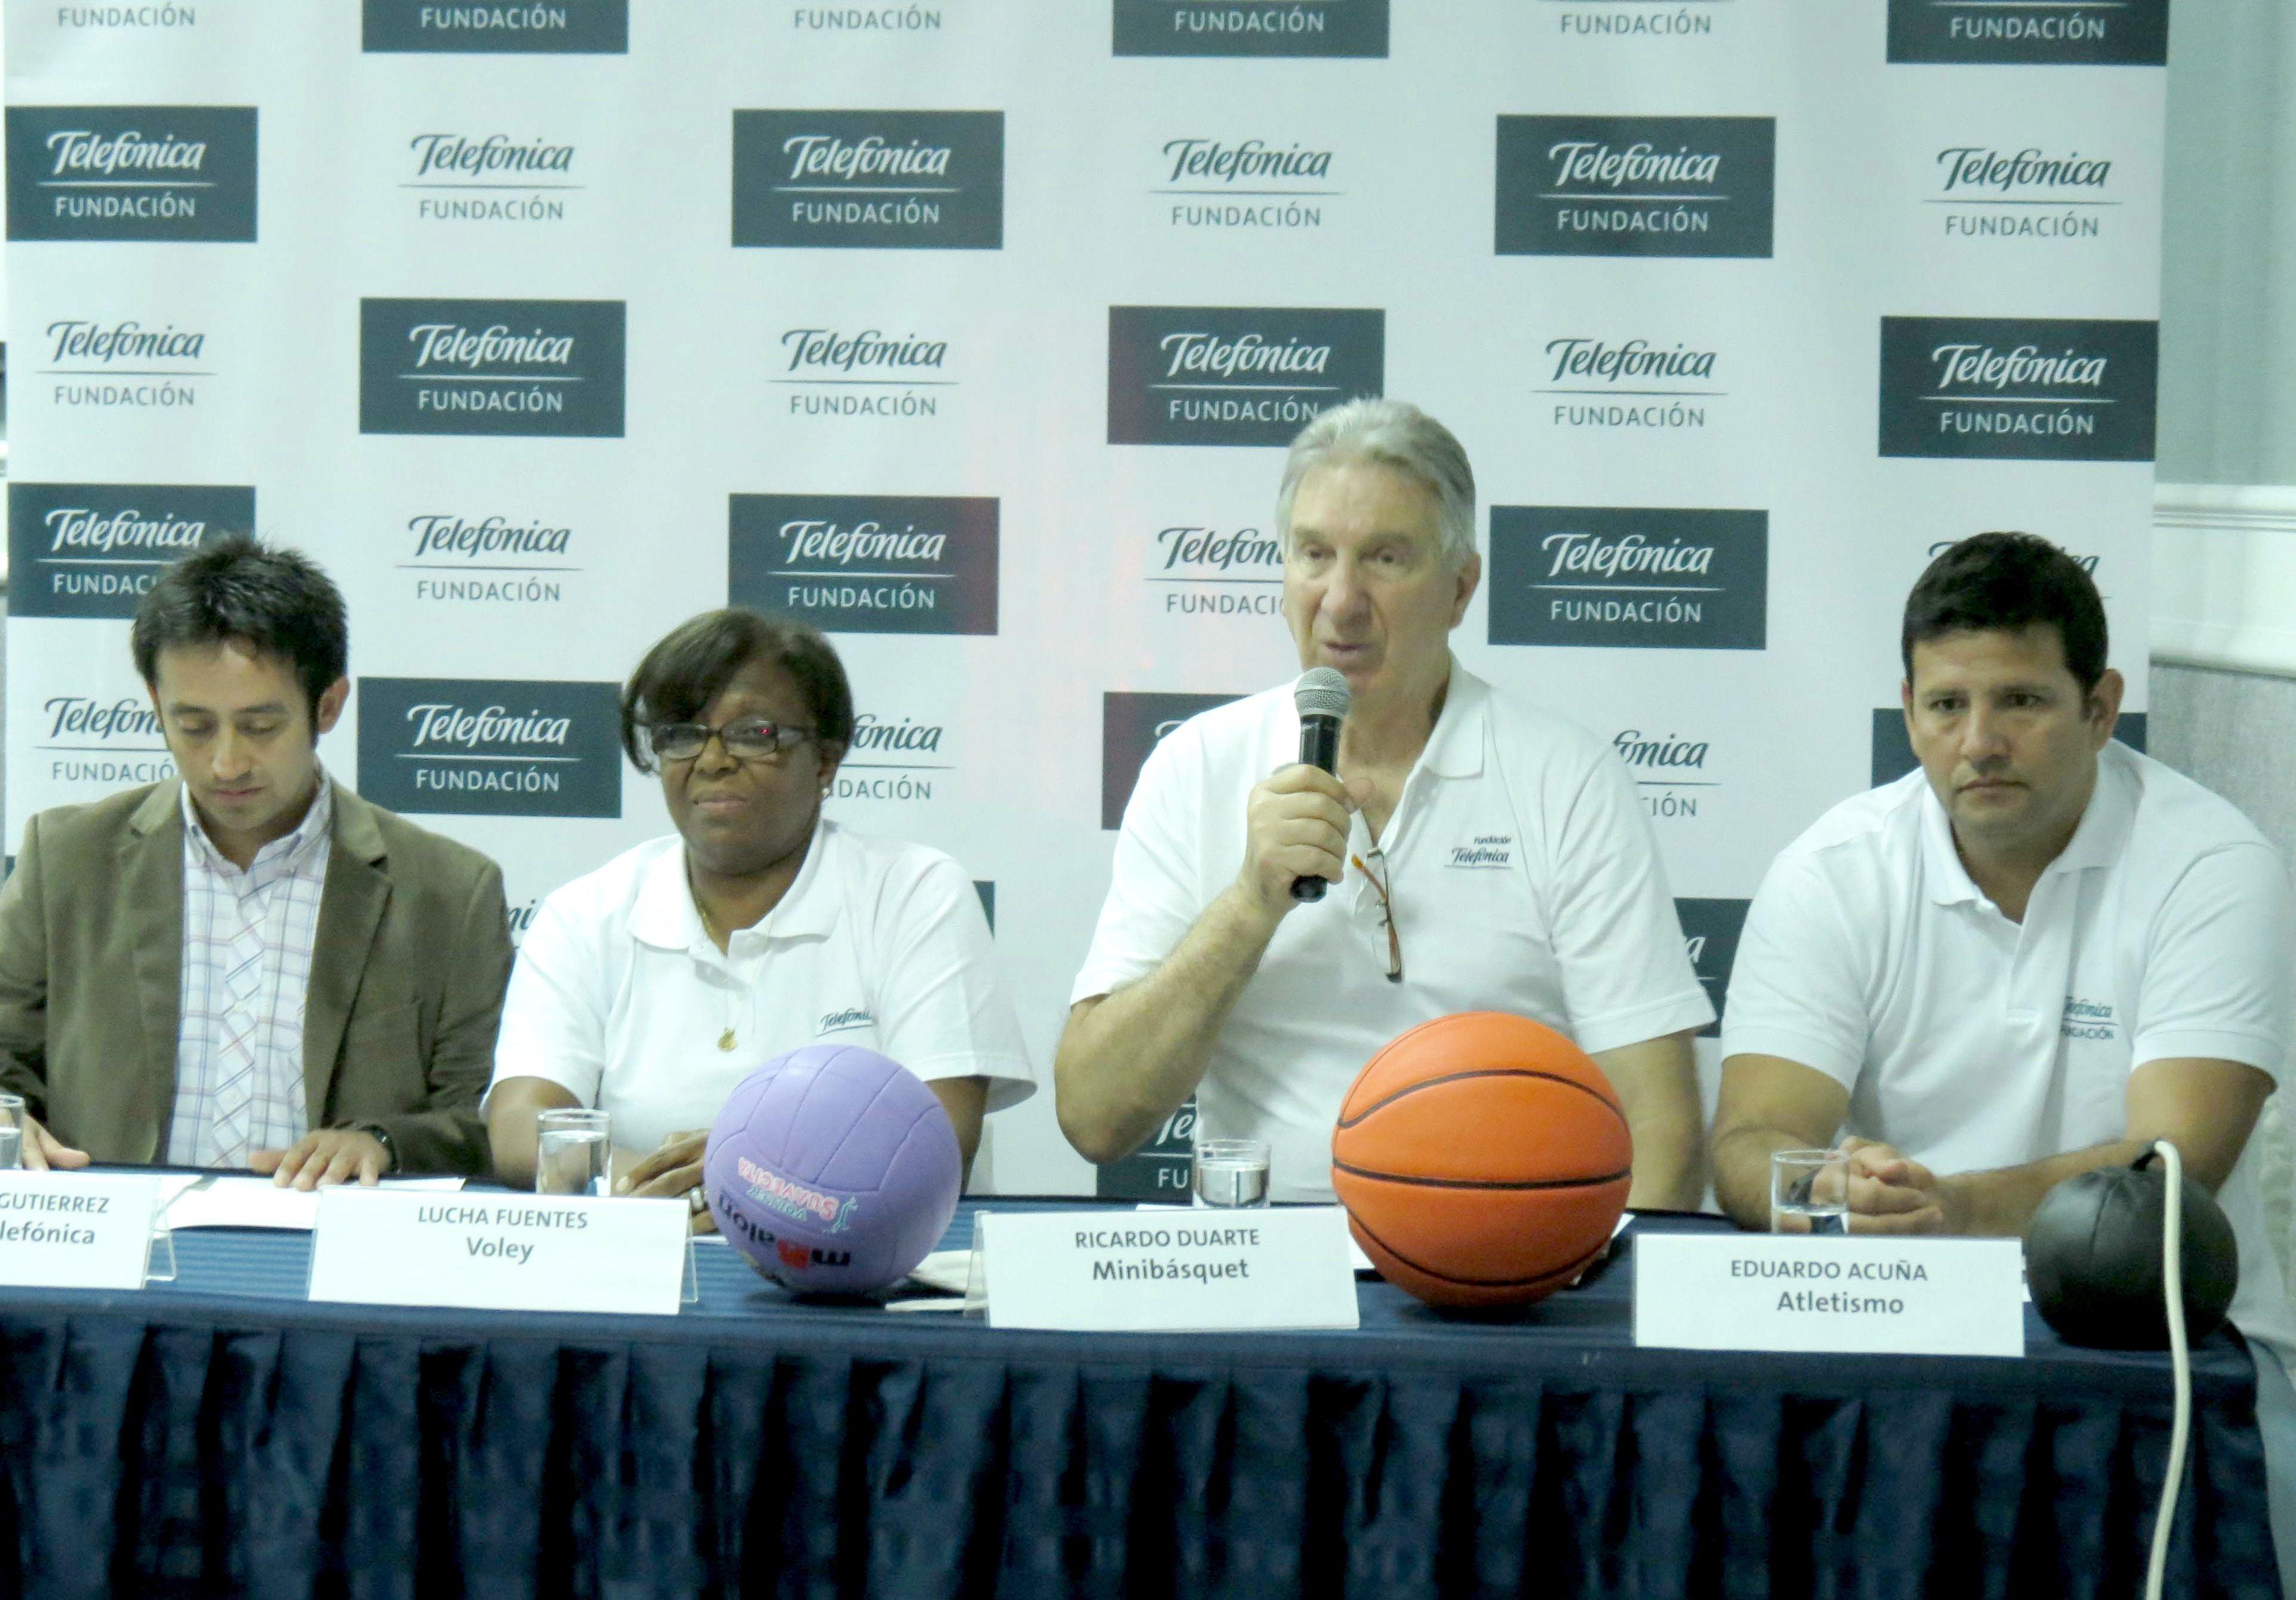 Conferencia de prensa. Se observa al representante de la Fundación Telefónica junto a la voleybolista Luisa Fuentes, el basquetbolista Ricardo Duarte y al atleta Eduardo Acuña